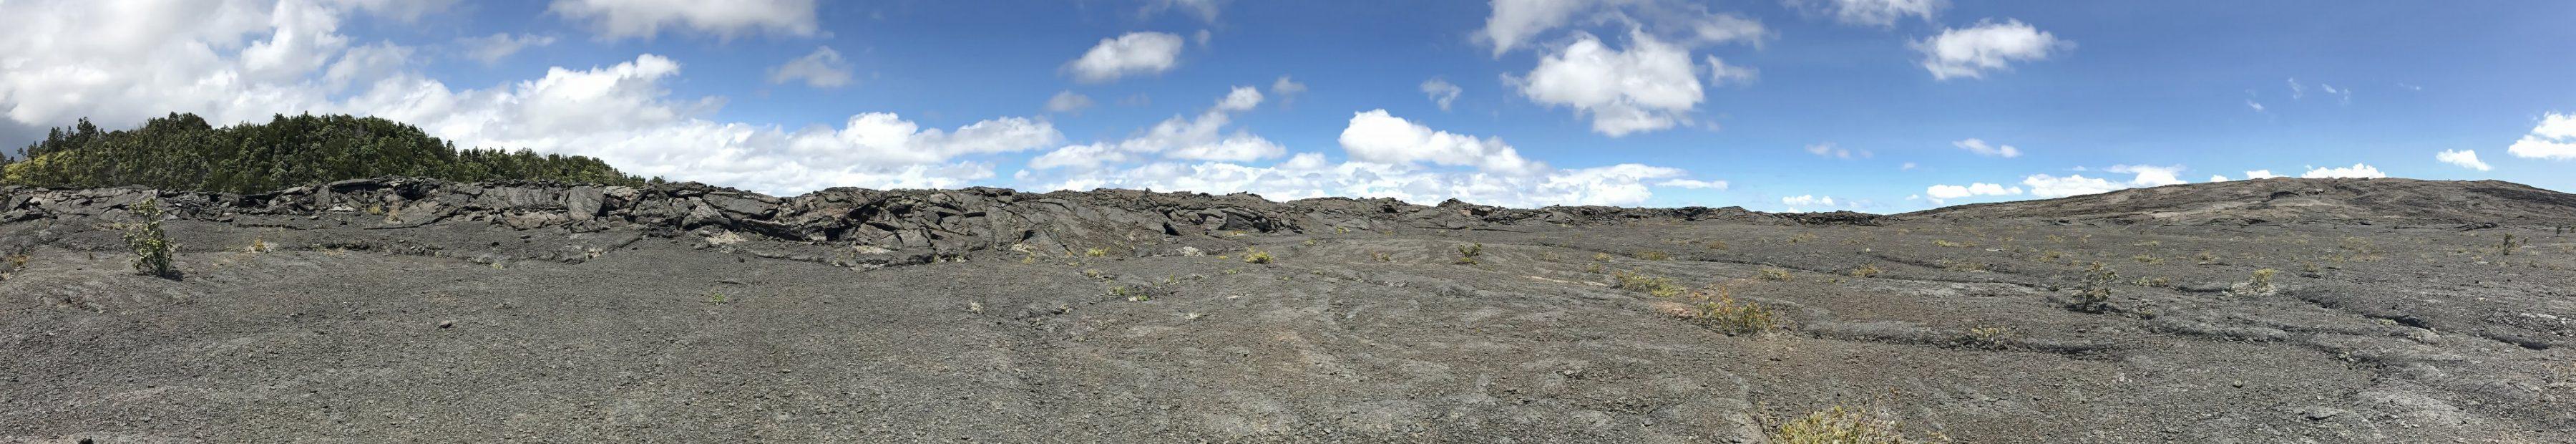 Le paysage inhospitalier entre Pu'U Huluhulu et Mauna Ulu